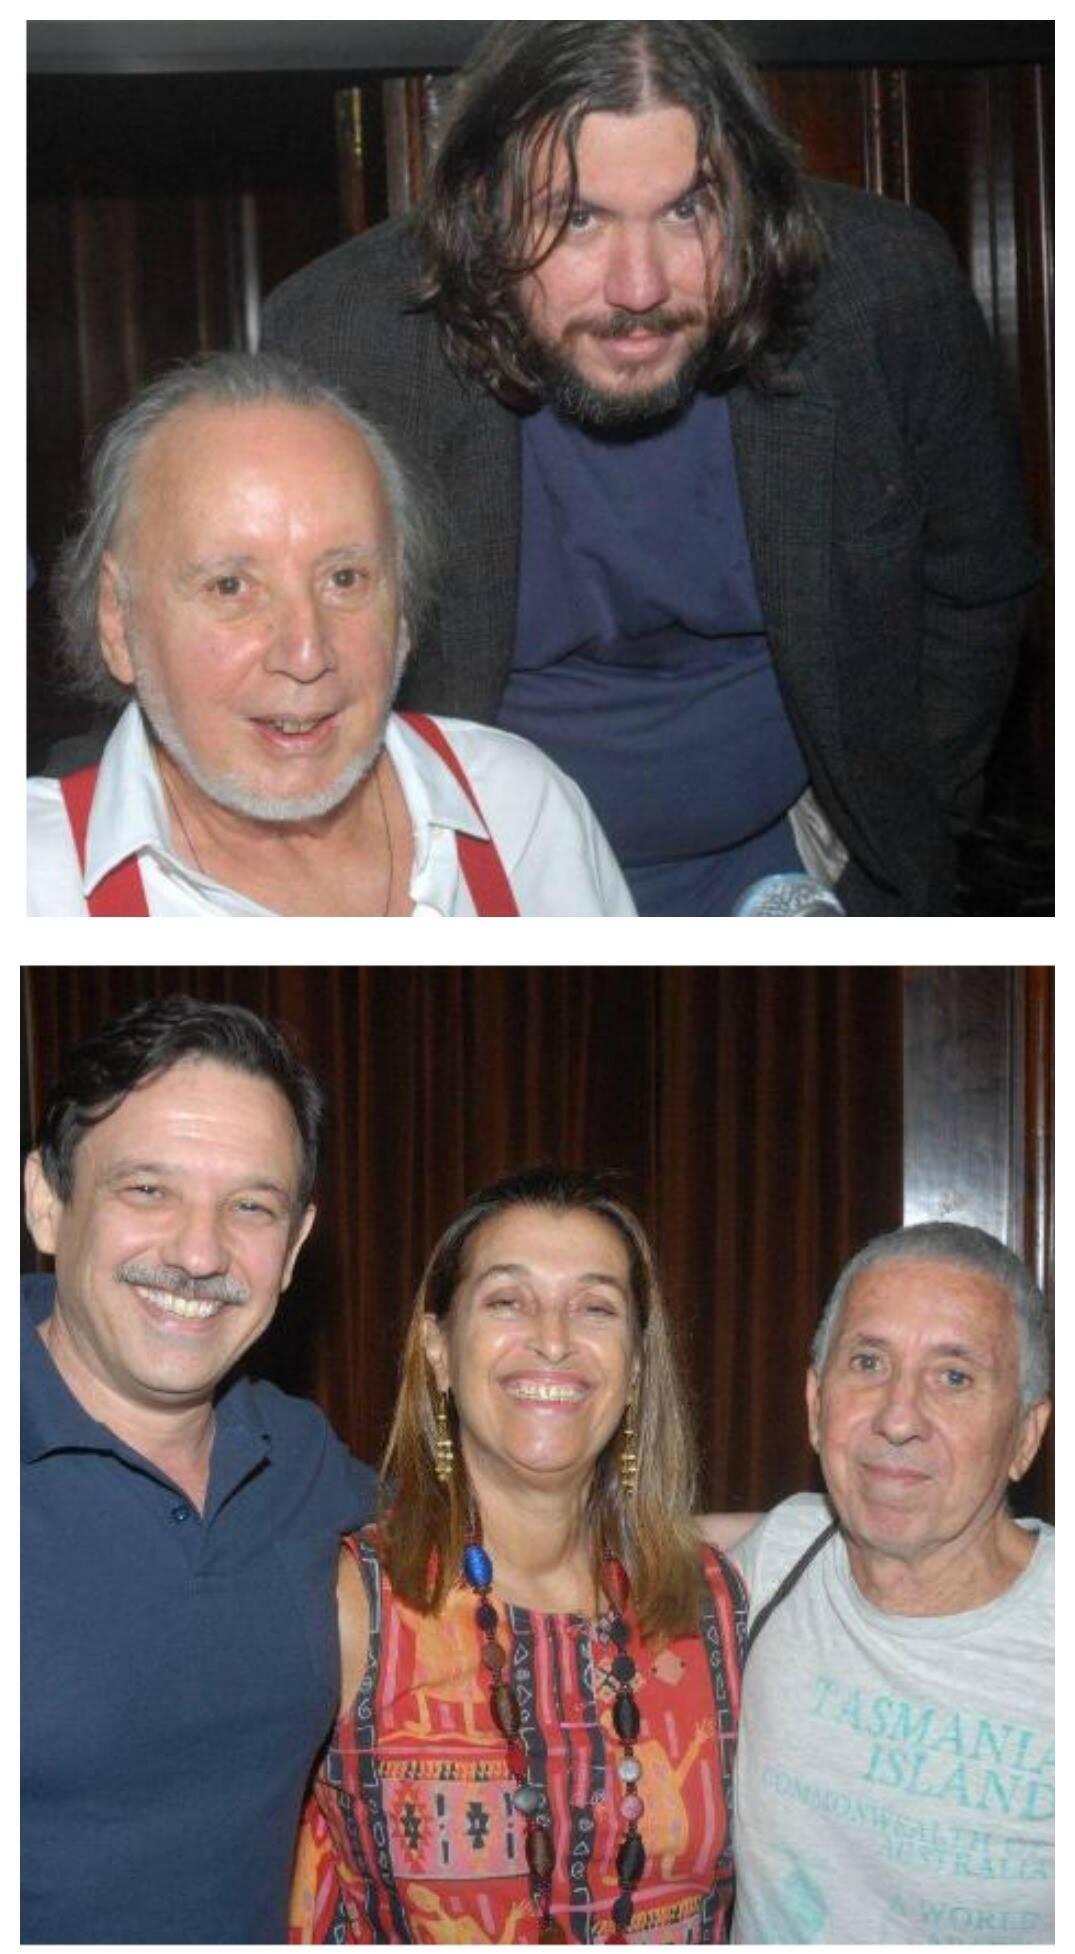 No alto os palestrantes Guilherme Vaz e J.-P Caron; nesta foto: o palestrante Franz Manata com Vera Terra e Paulo Martins/ Fotos: Marco Rodrigues